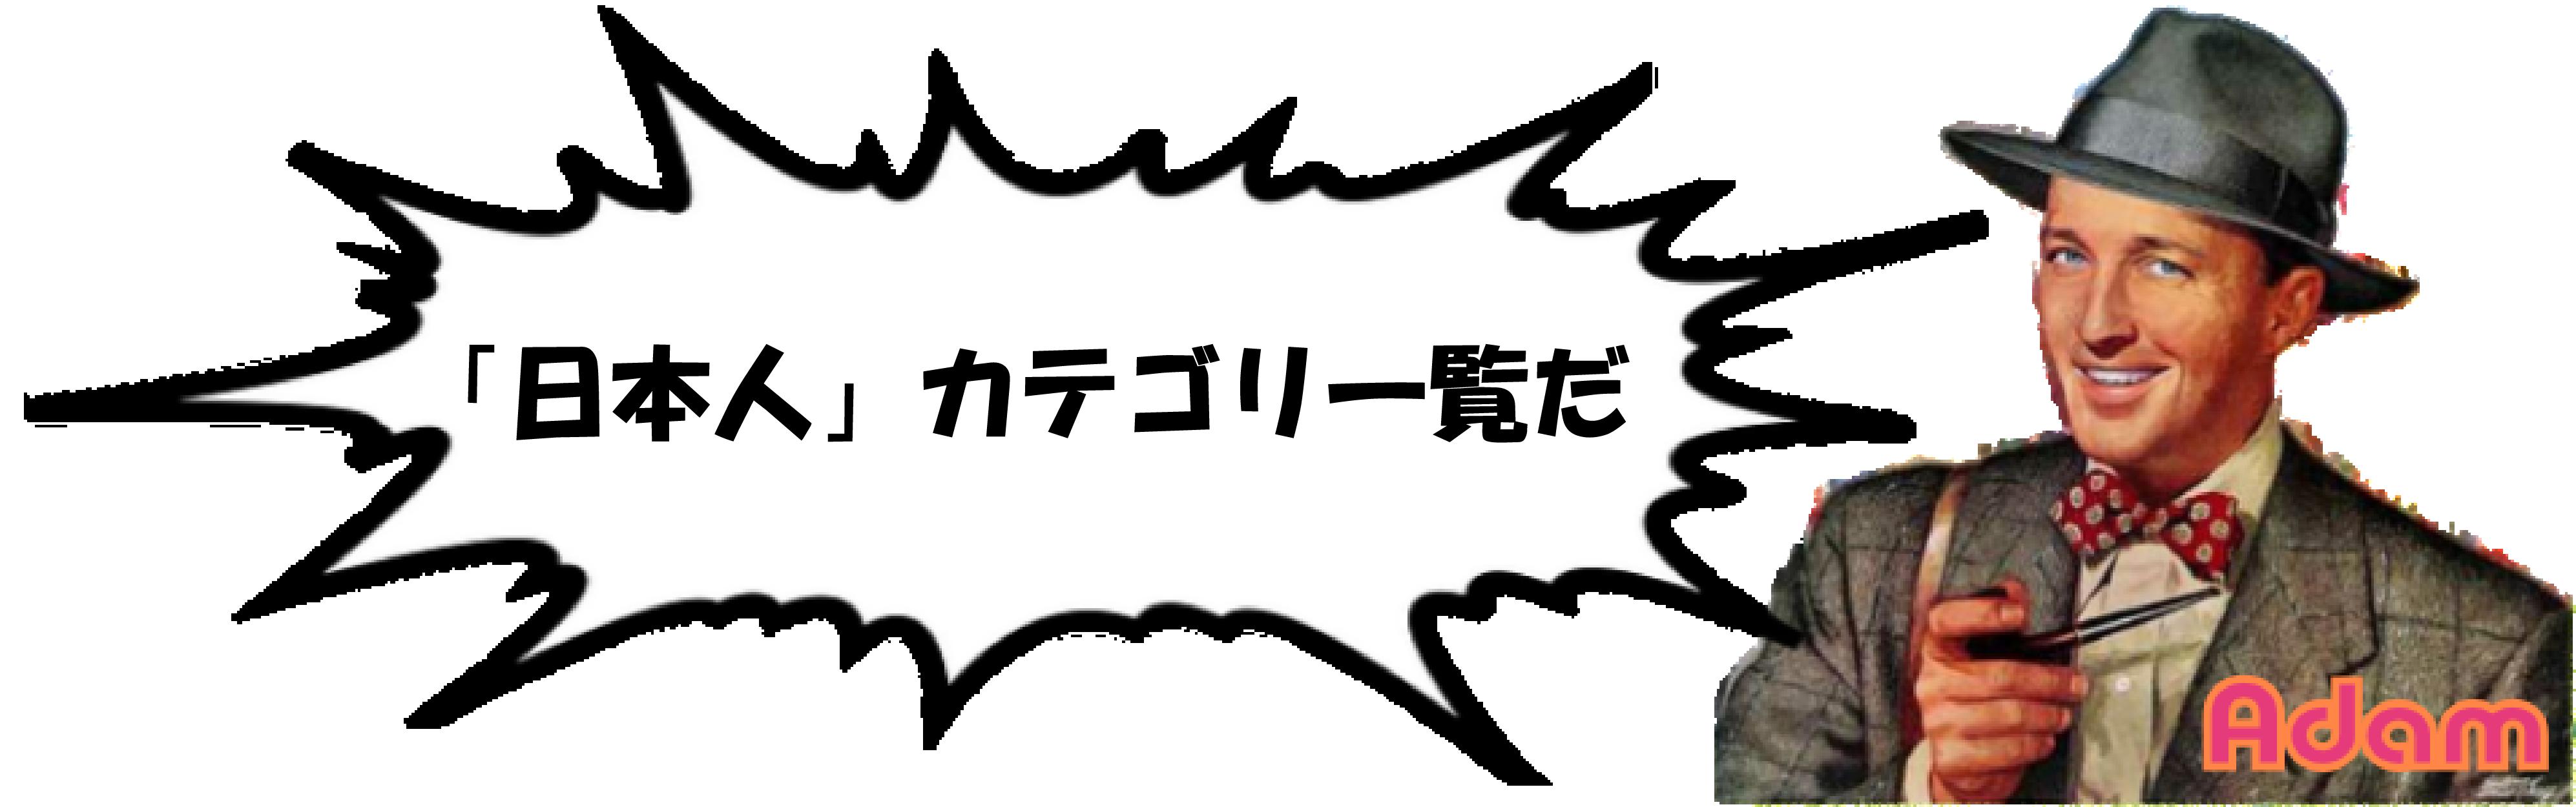 テンプレート(日本人カテゴリ一覧)-01